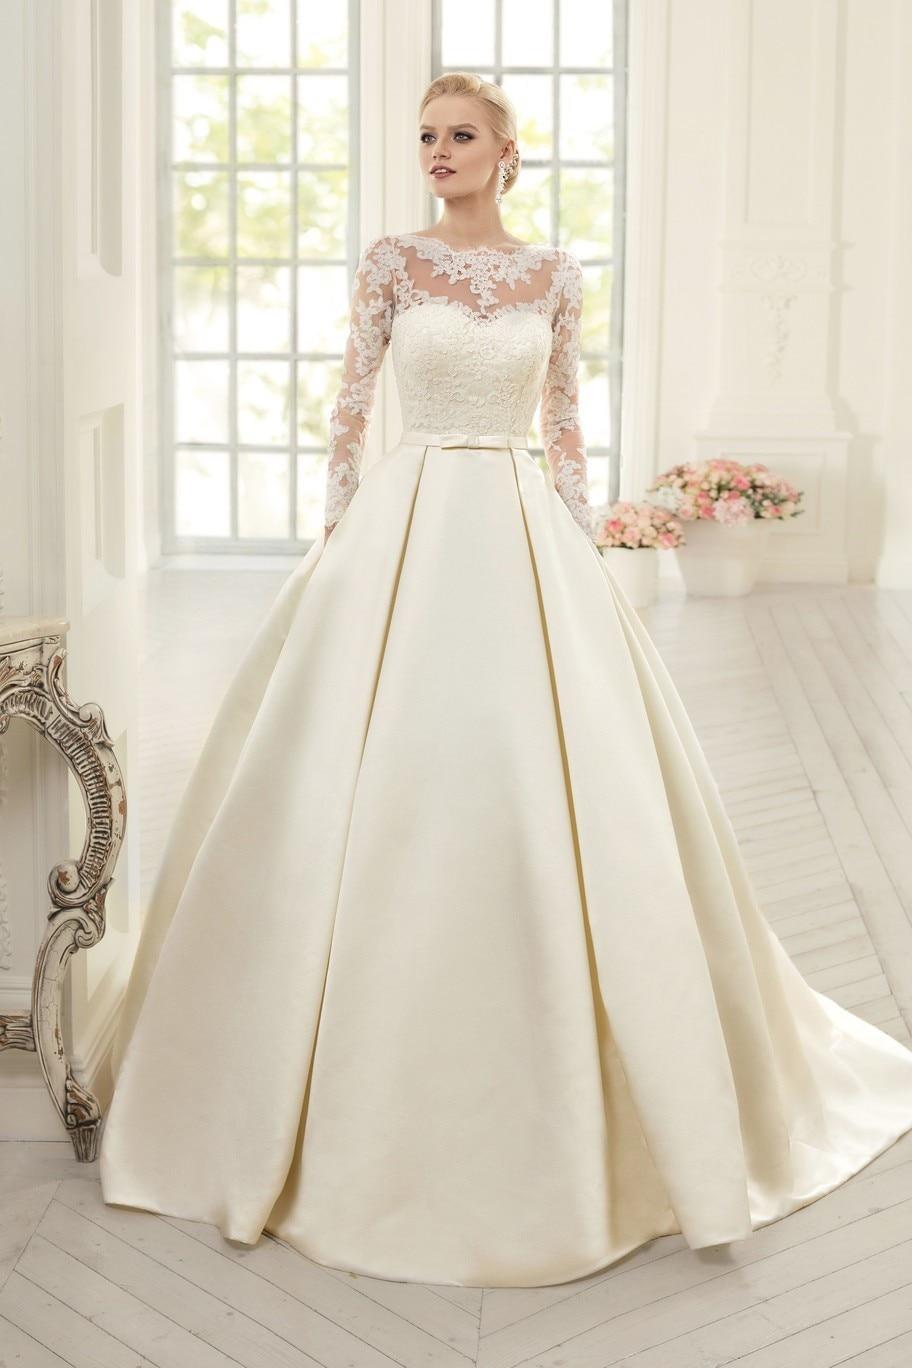 Online Buy Wholesale Simple Long Sleeve Wedding Dresses From China Simple Long Sleeve Wedding